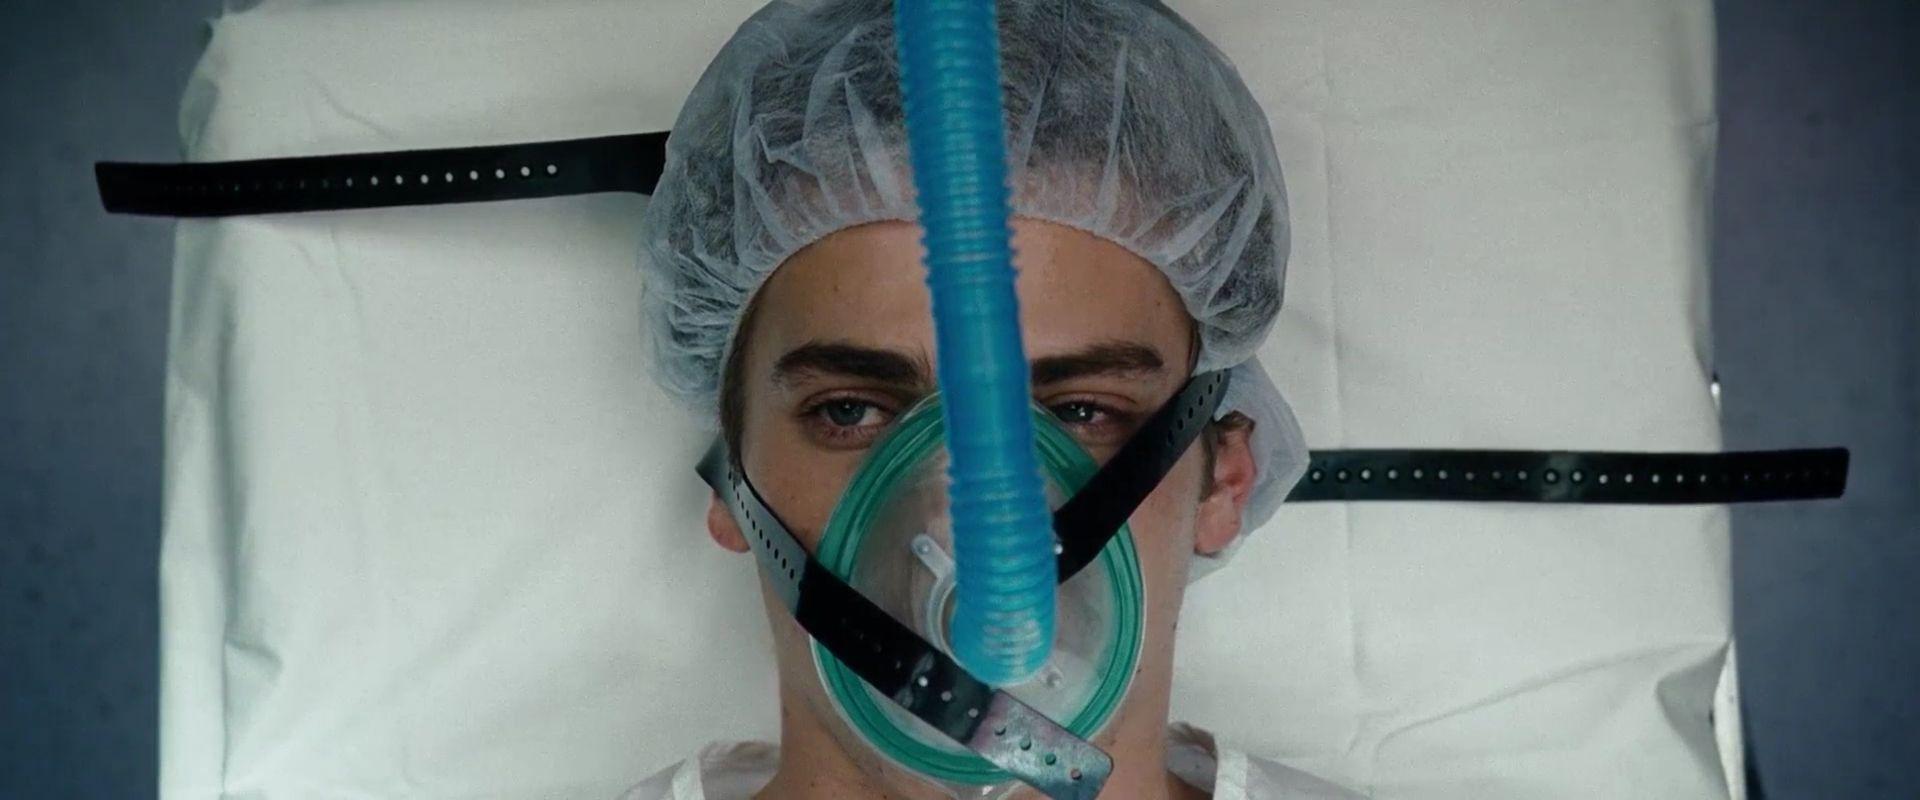 Трахнули под наркозом онлайн, Зубной врач сделал грудастой пациентке наркоз 3 фотография